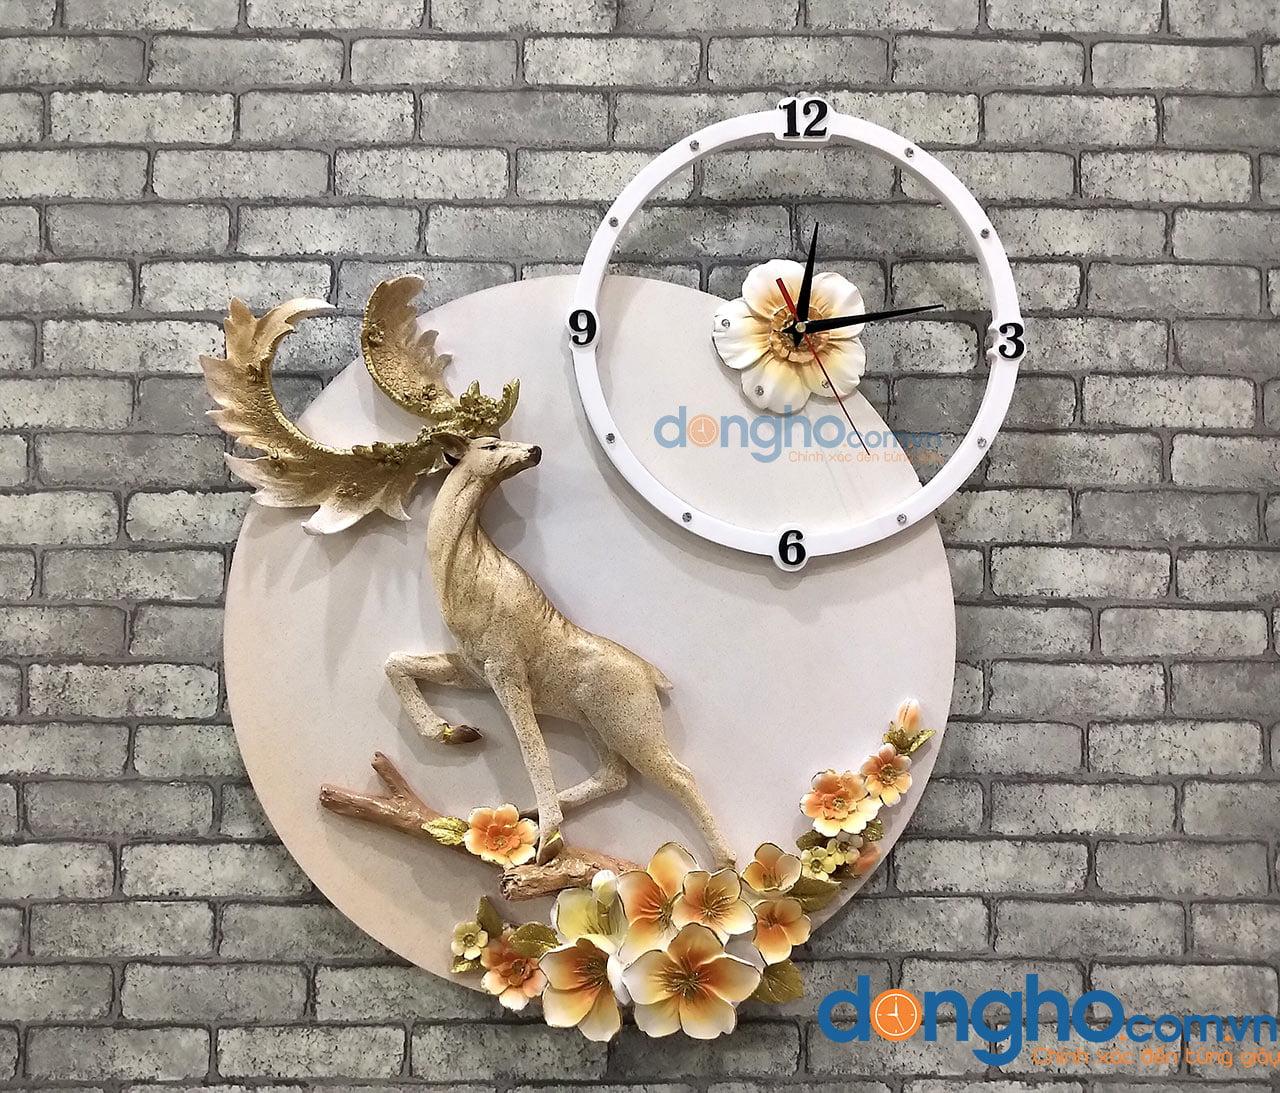 Đồng hồ Tuần lộc ĐH19